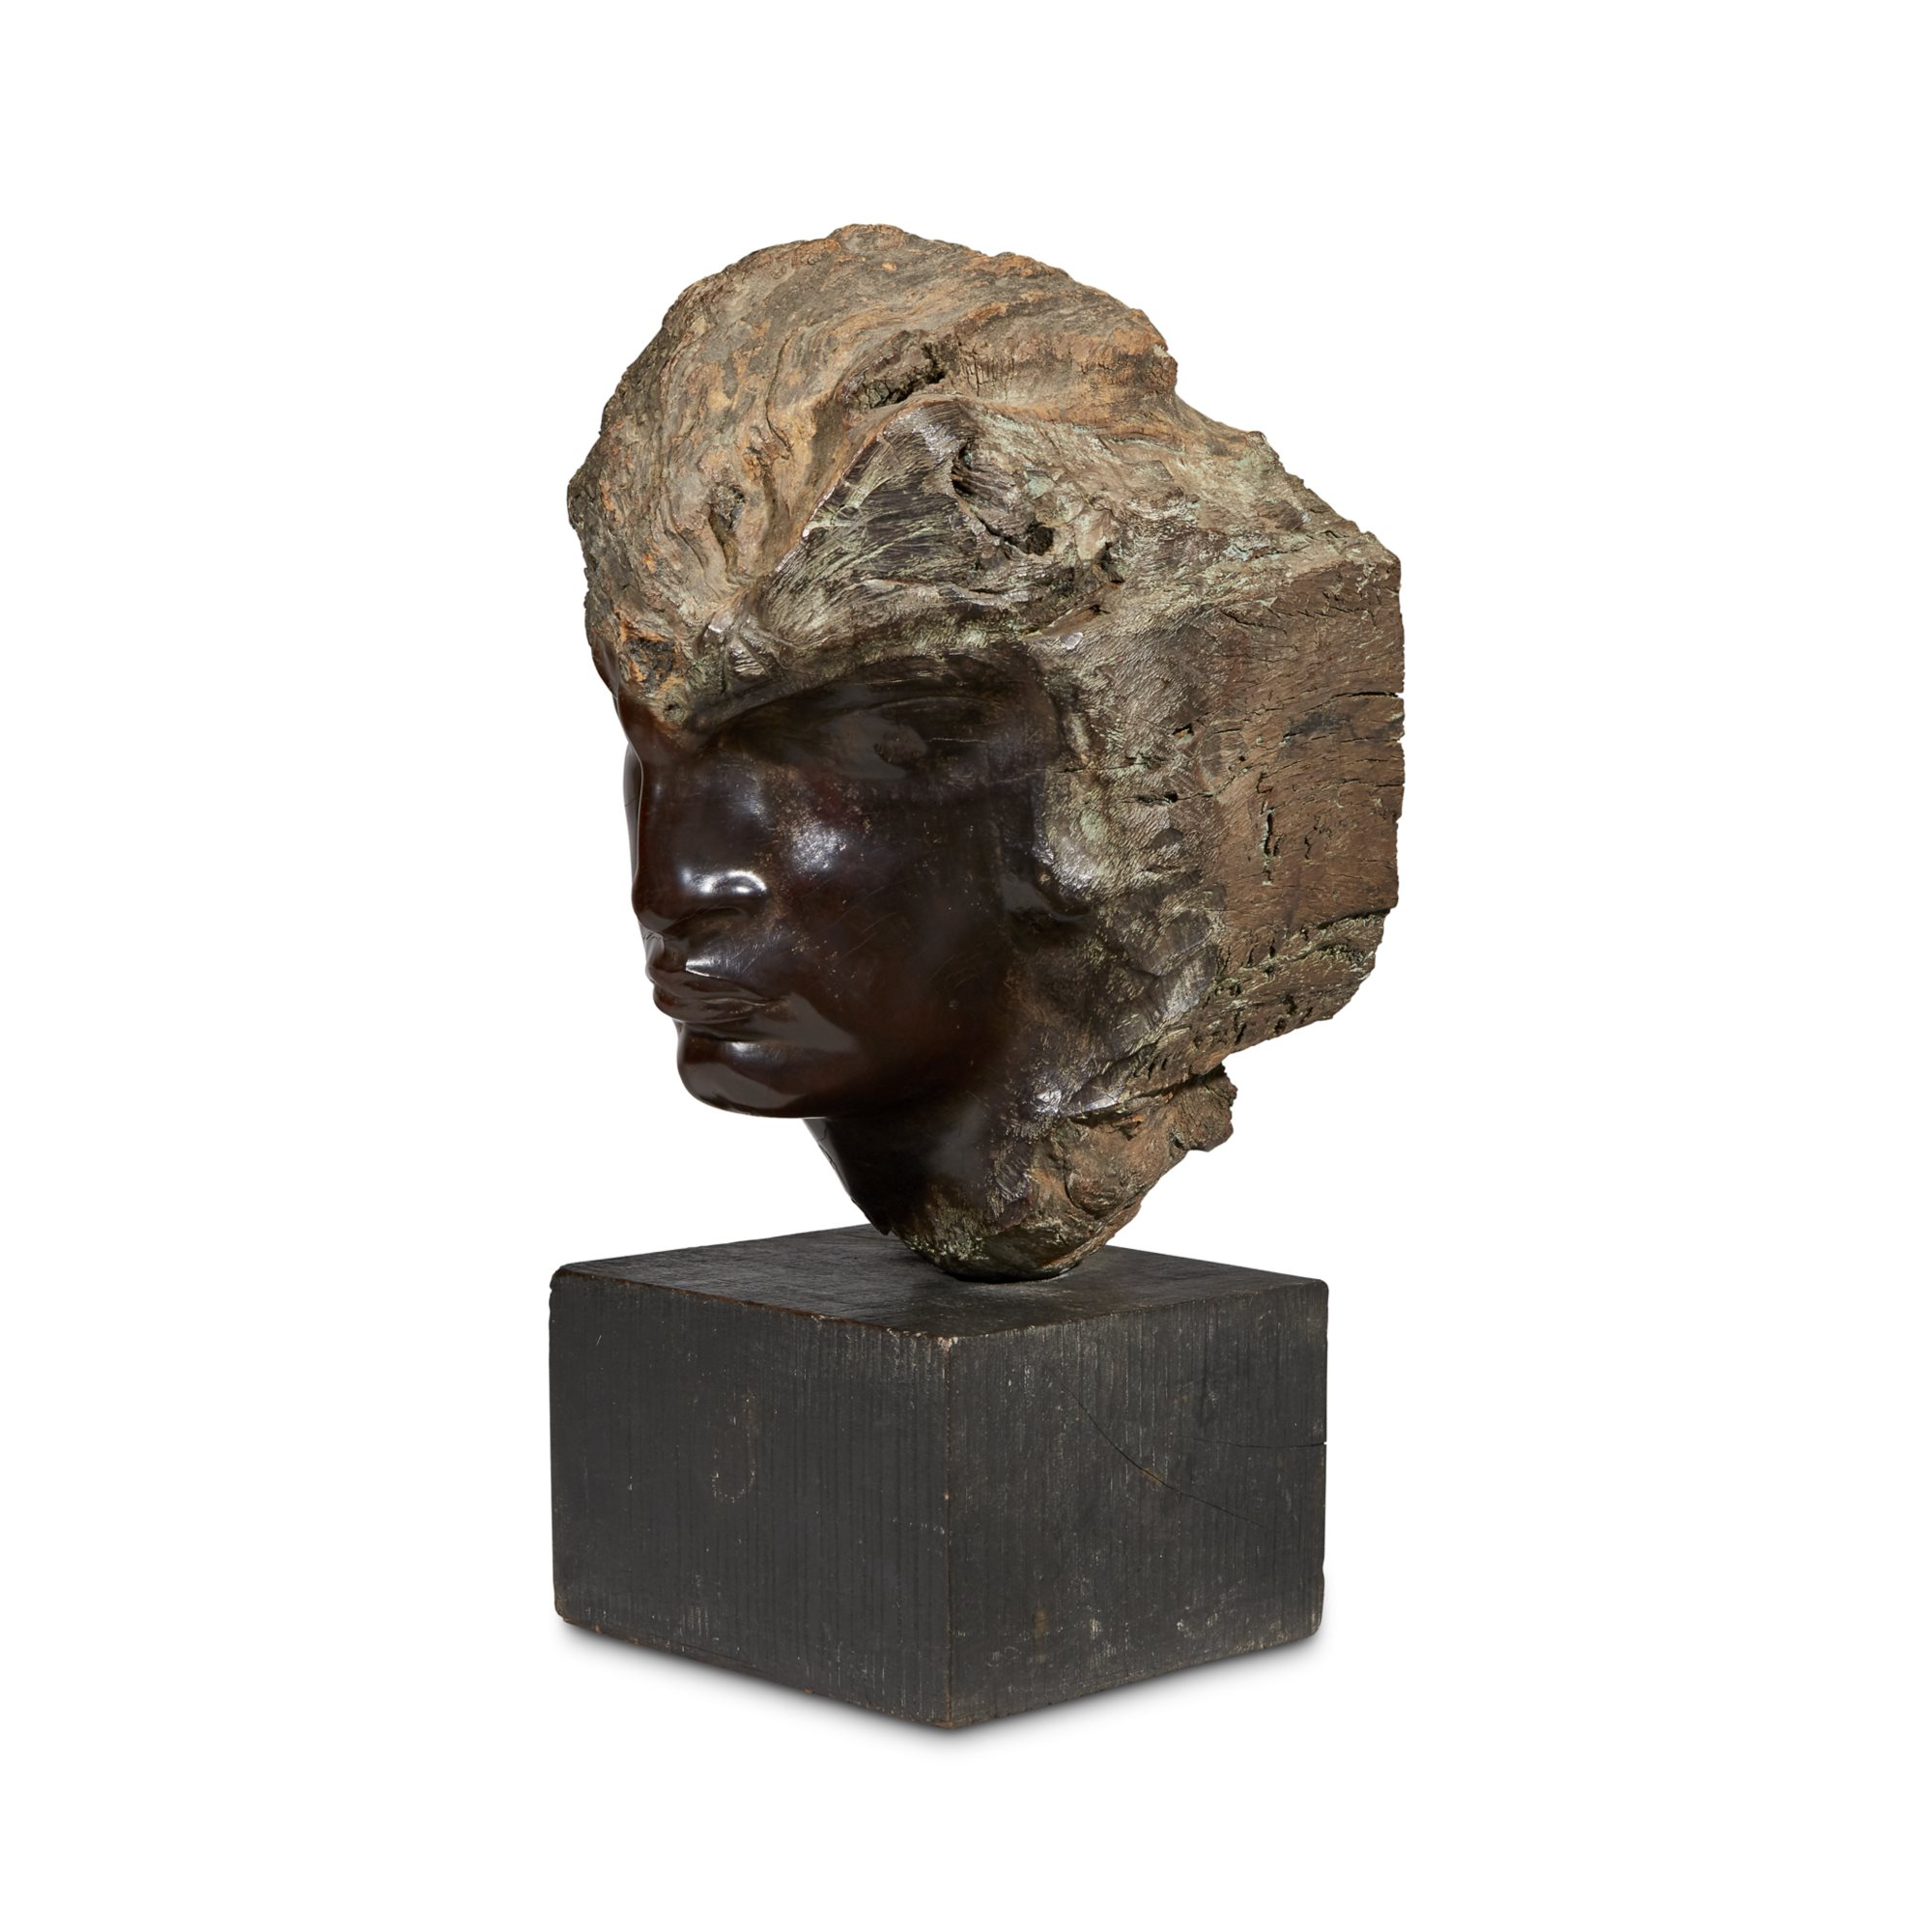 Lot 253: Le Désenchanté  (The Disillusioned), a root wood sculpture by Stephen Erzia (Russian 1876-1960),  sold for $71,500 (estimate: $15,000-25,000)